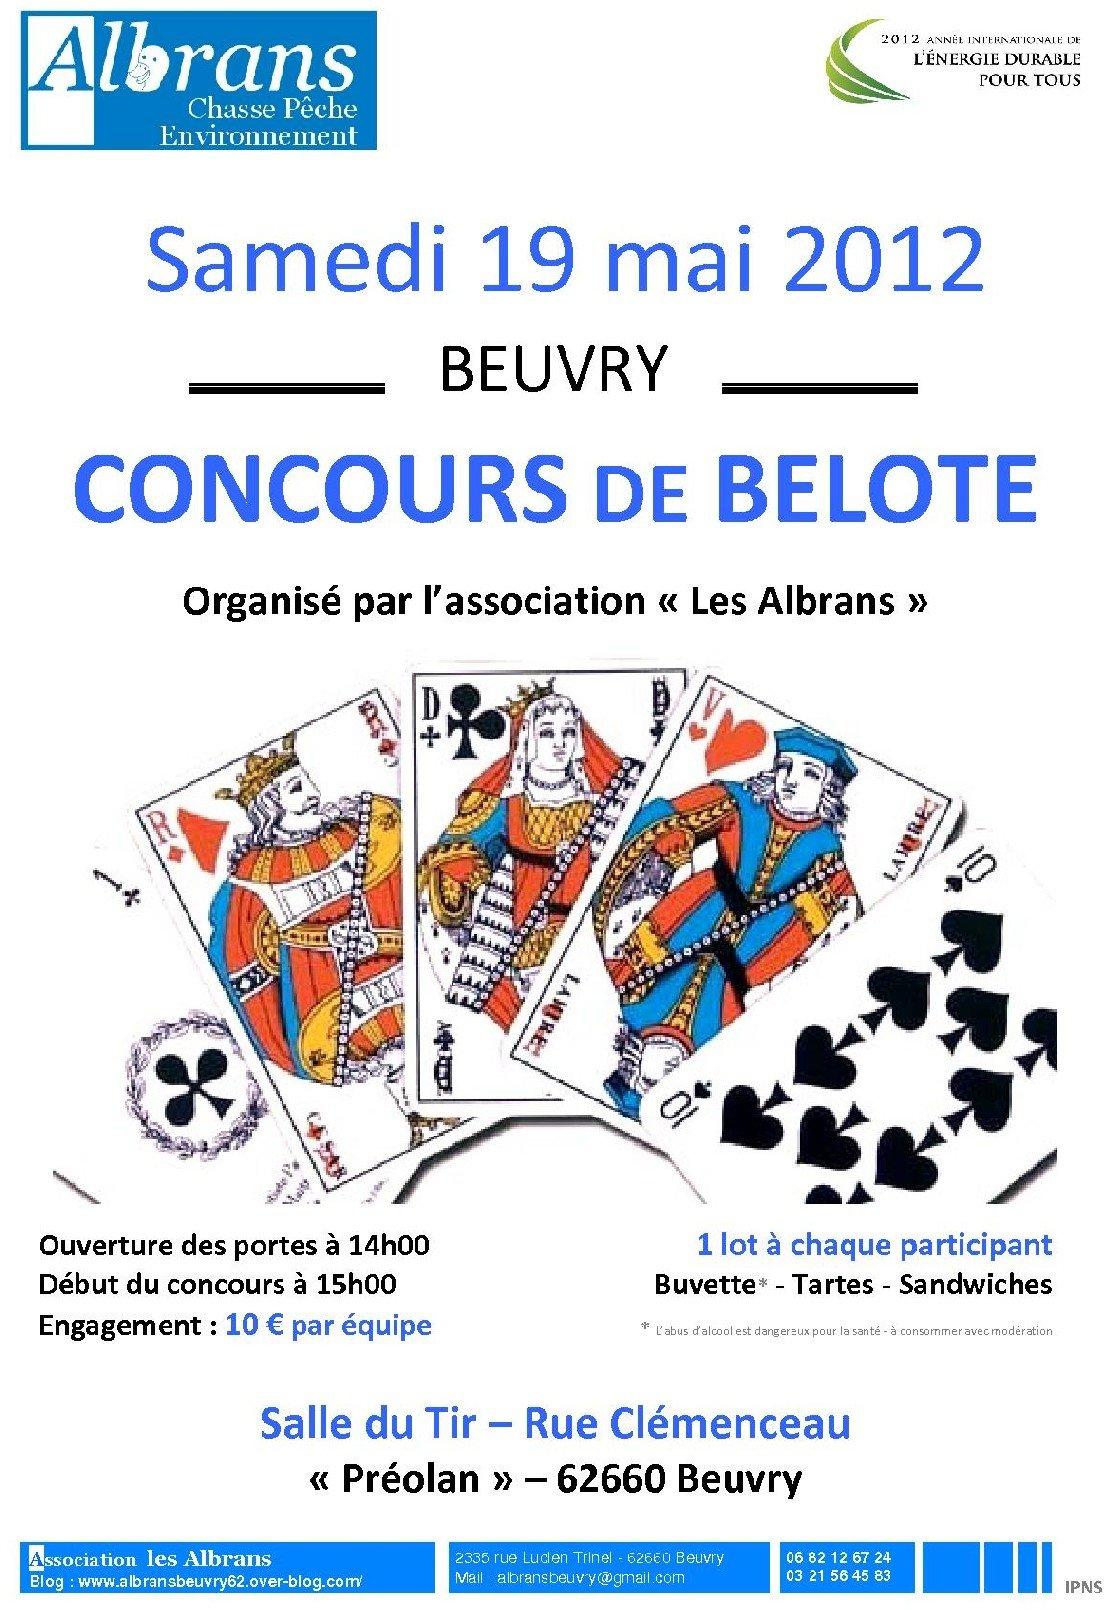 Concours de belote dans Les Albrans Affiche-concours-belote-19-MAI-2012